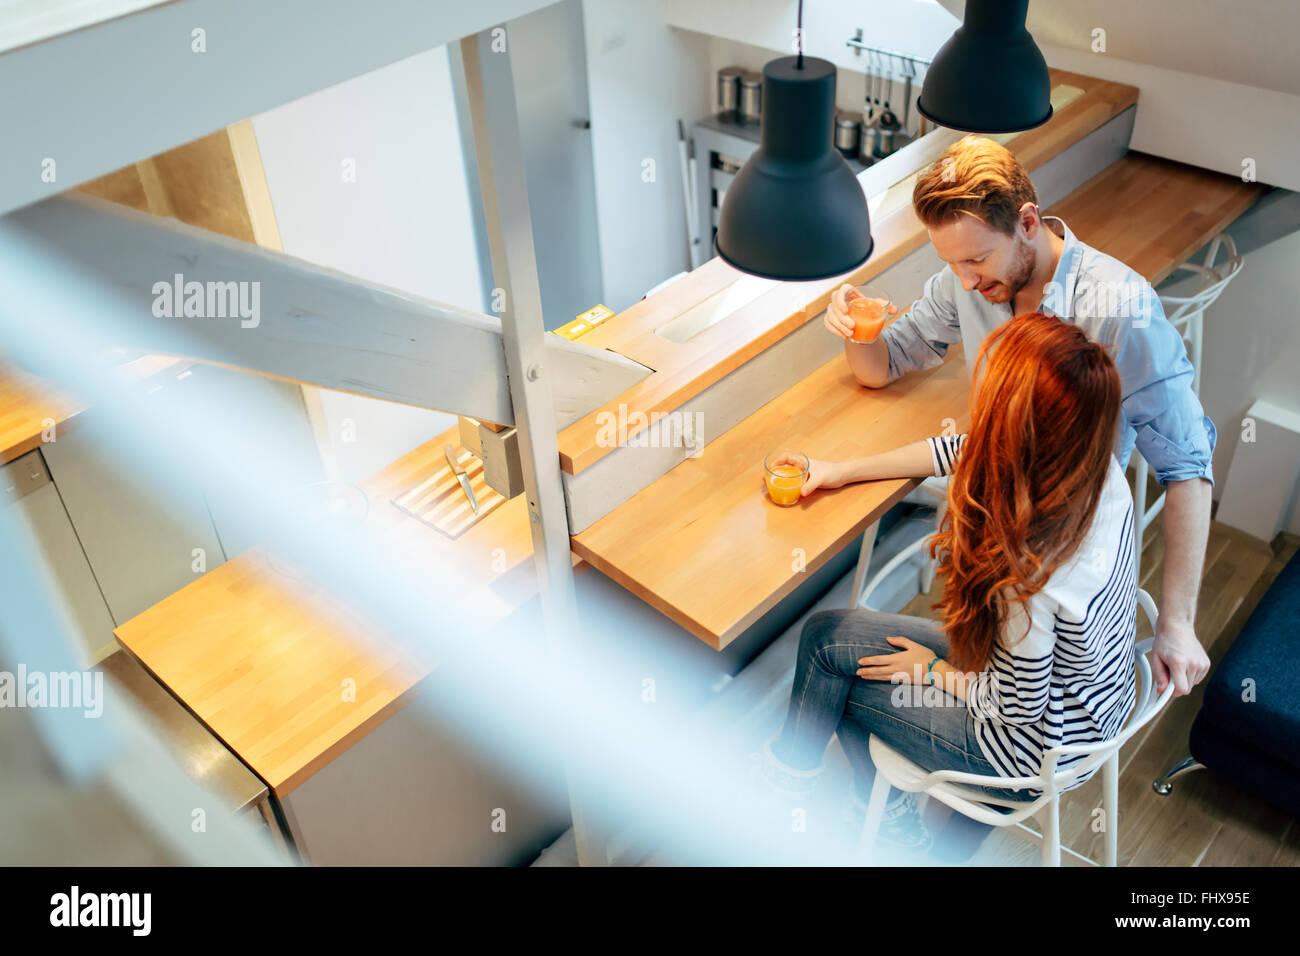 Paar in schönen Küche Saft zu trinken und reden Stockbild